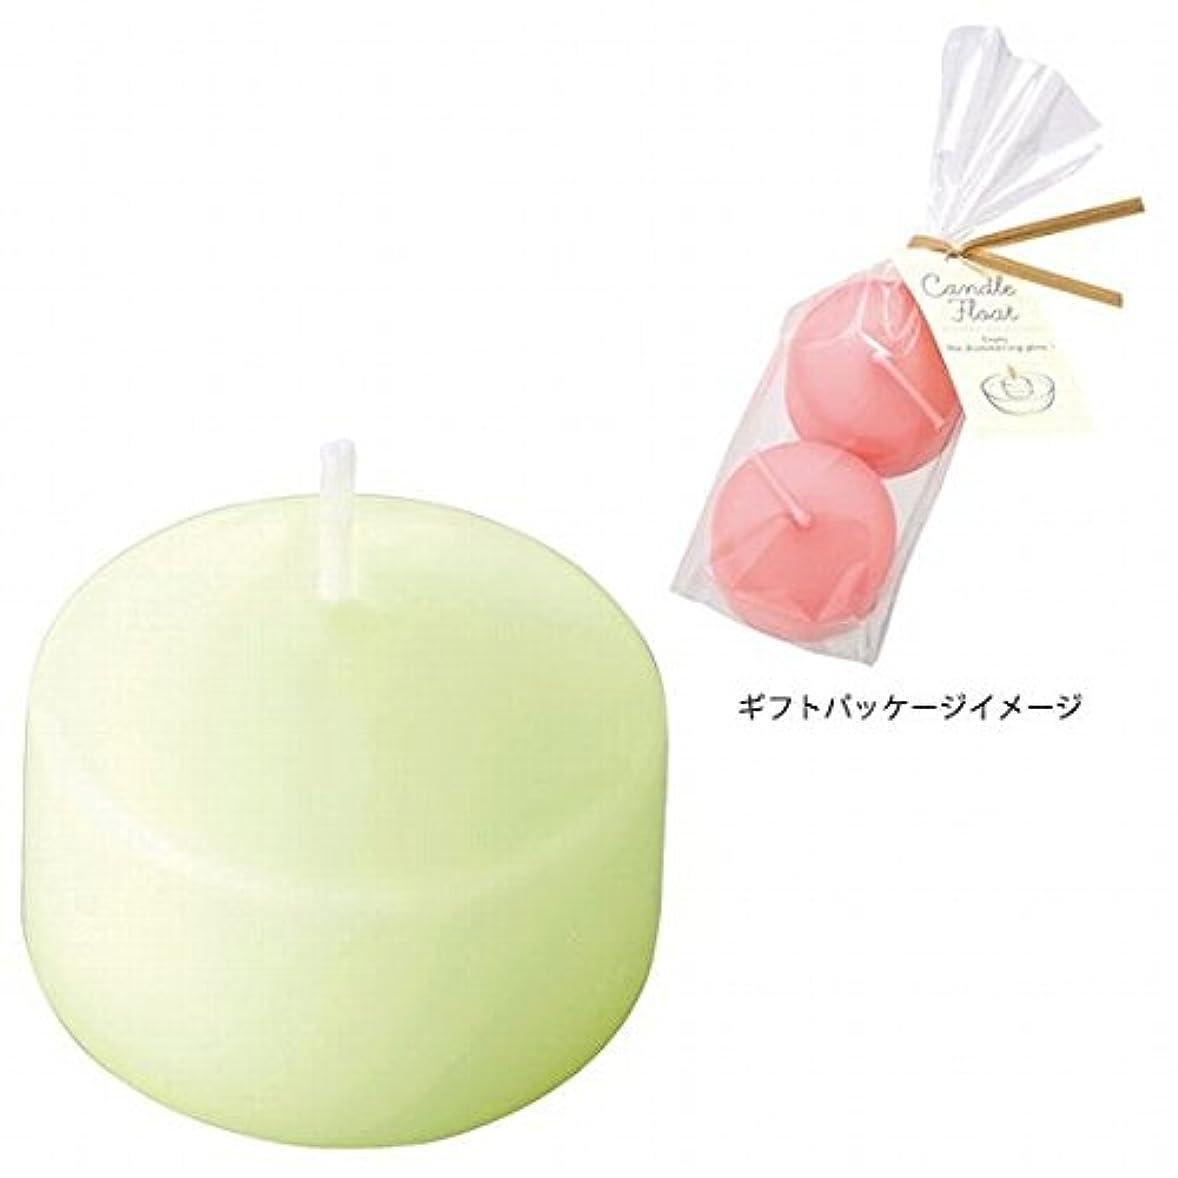 受粉するジョセフバンクスためらうカメヤマキャンドル(kameyama candle) ハッピープール(2個入り) キャンドル 「ホワイトグリーン」